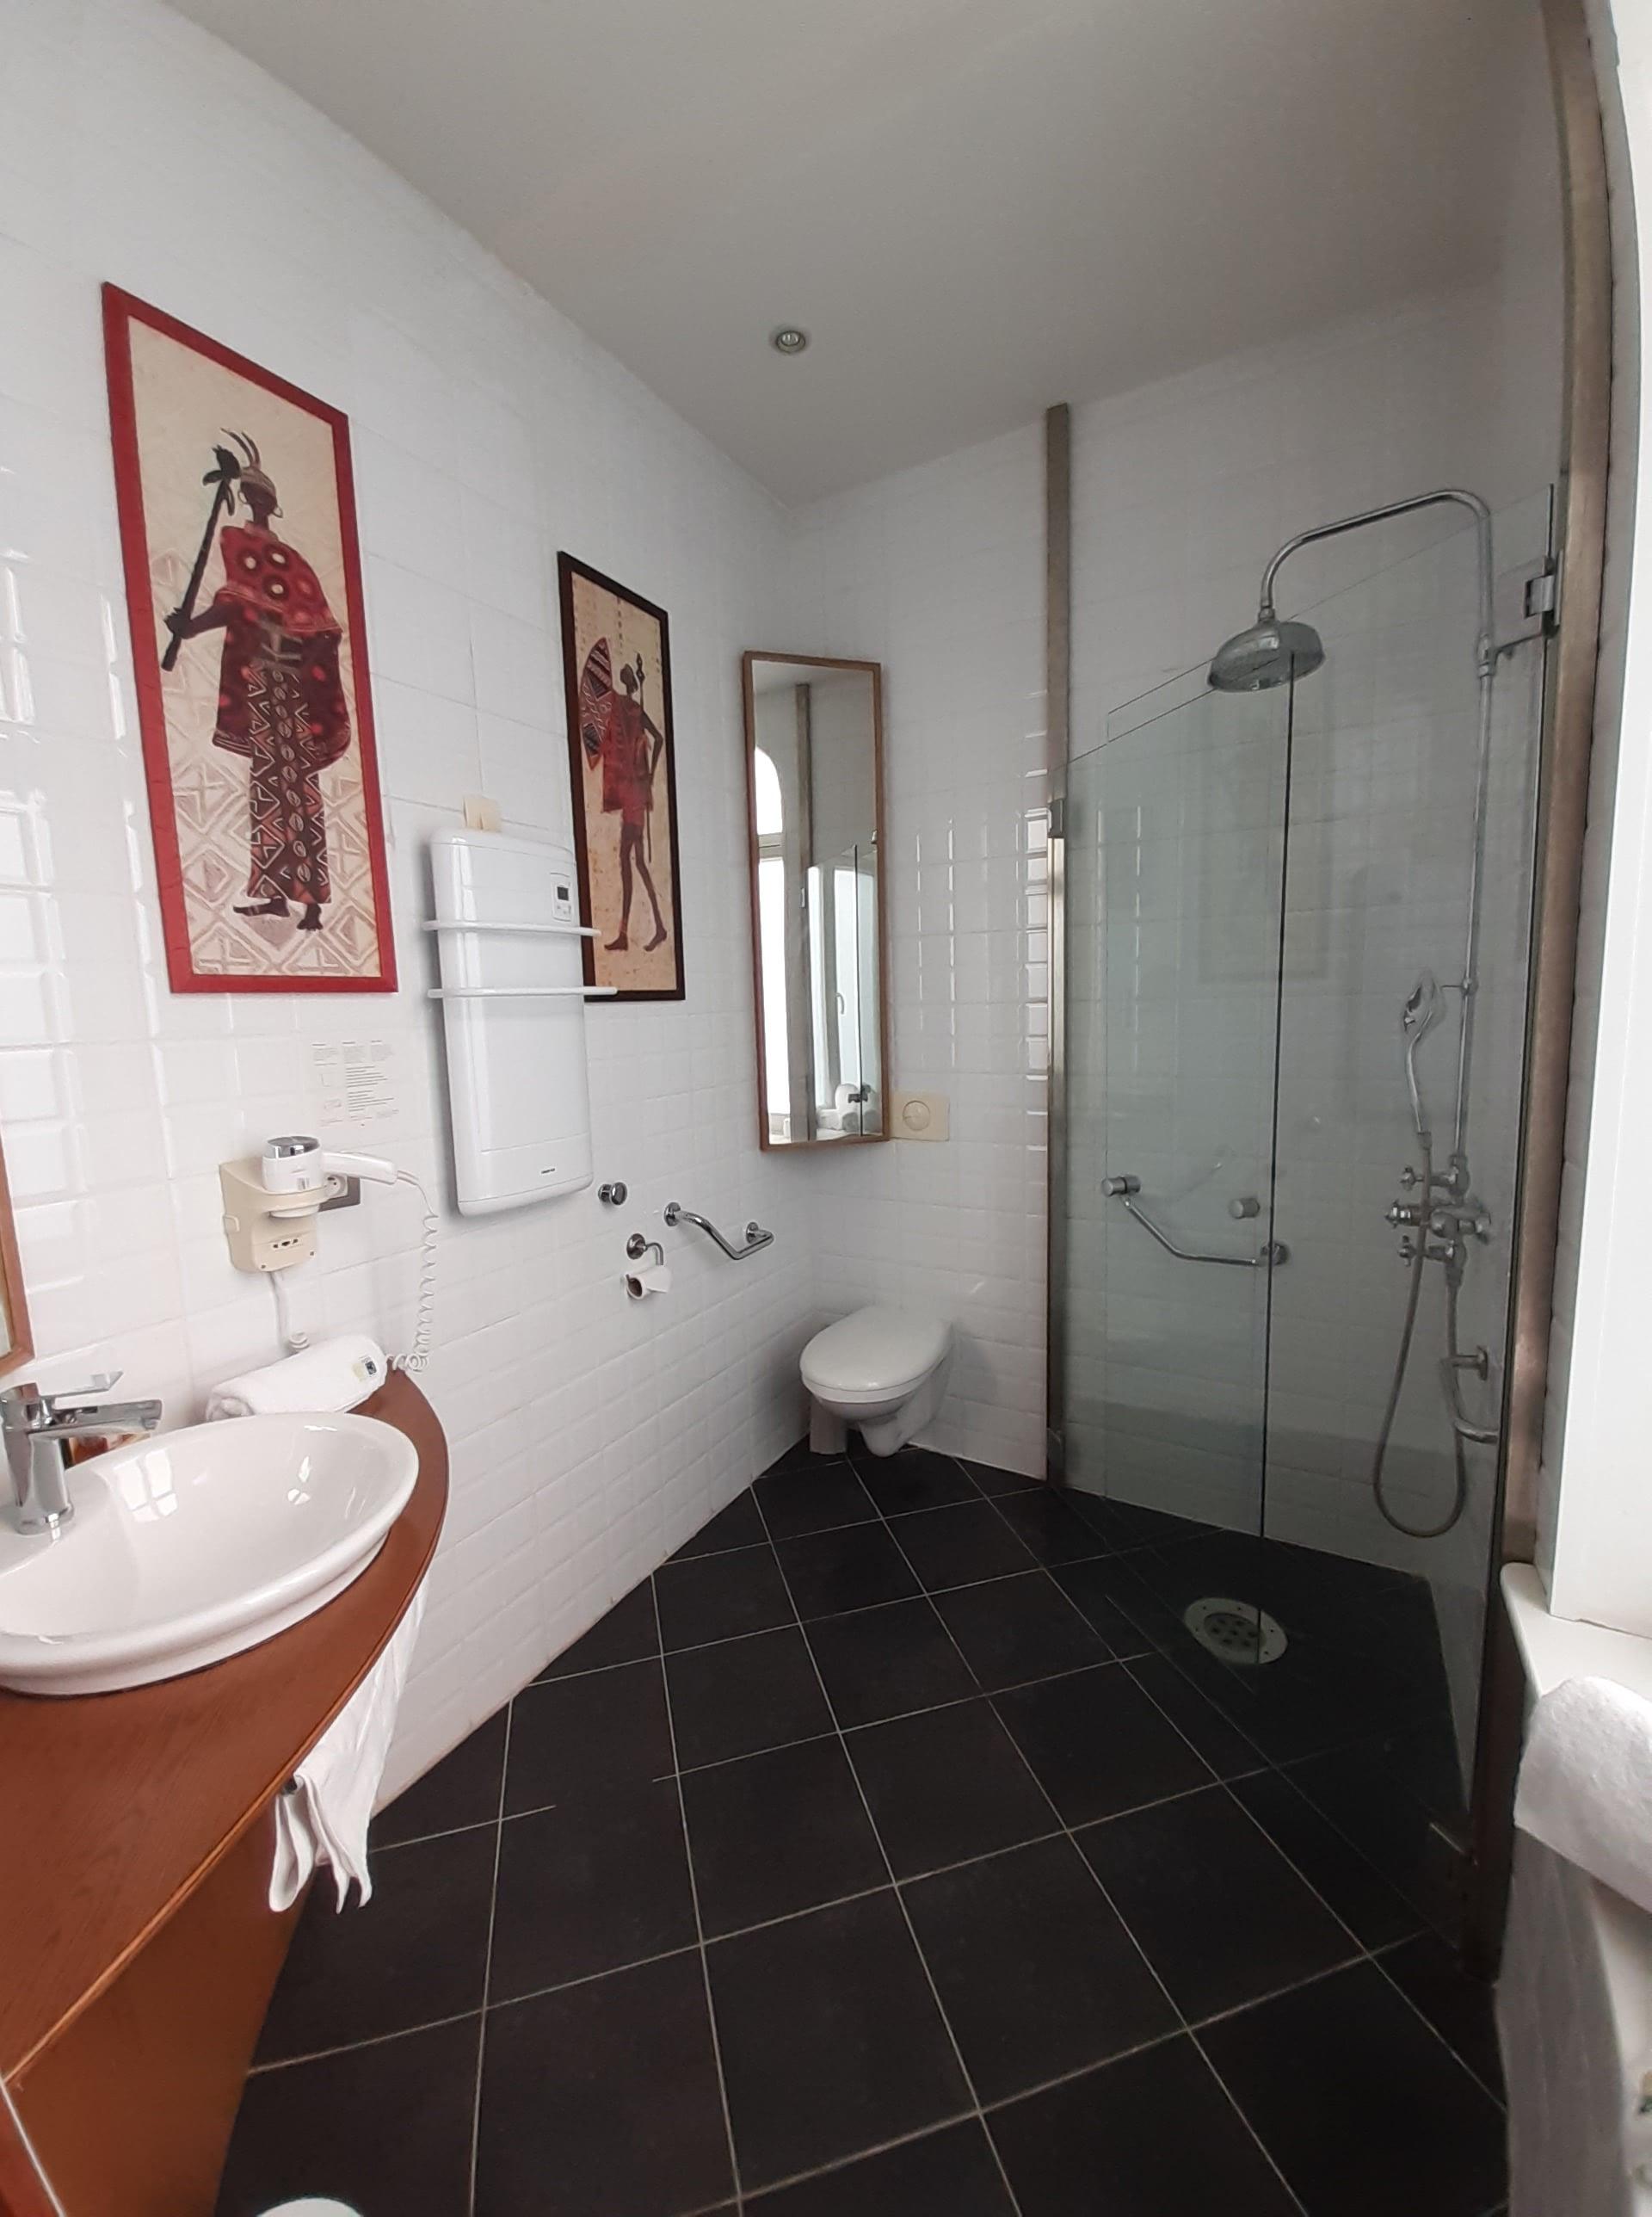 Salle de bain la city schoebeque